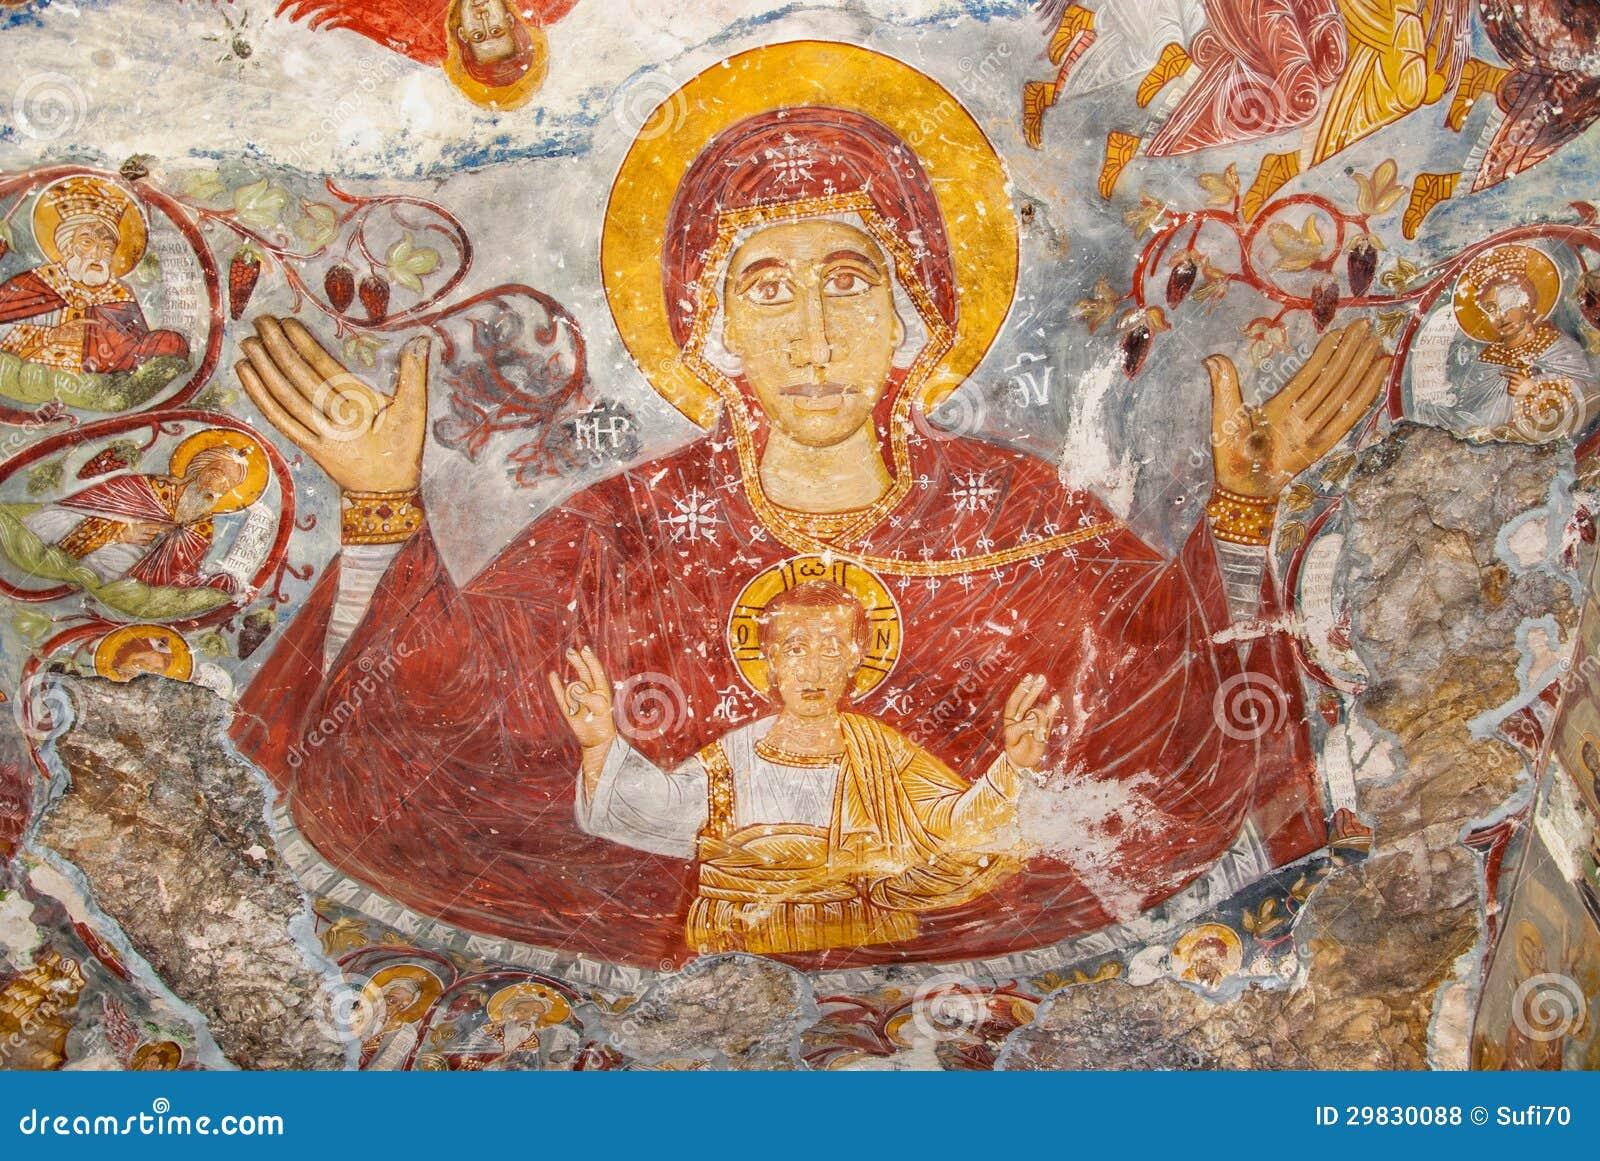 Pinturas religiosas no monastério de Sumela